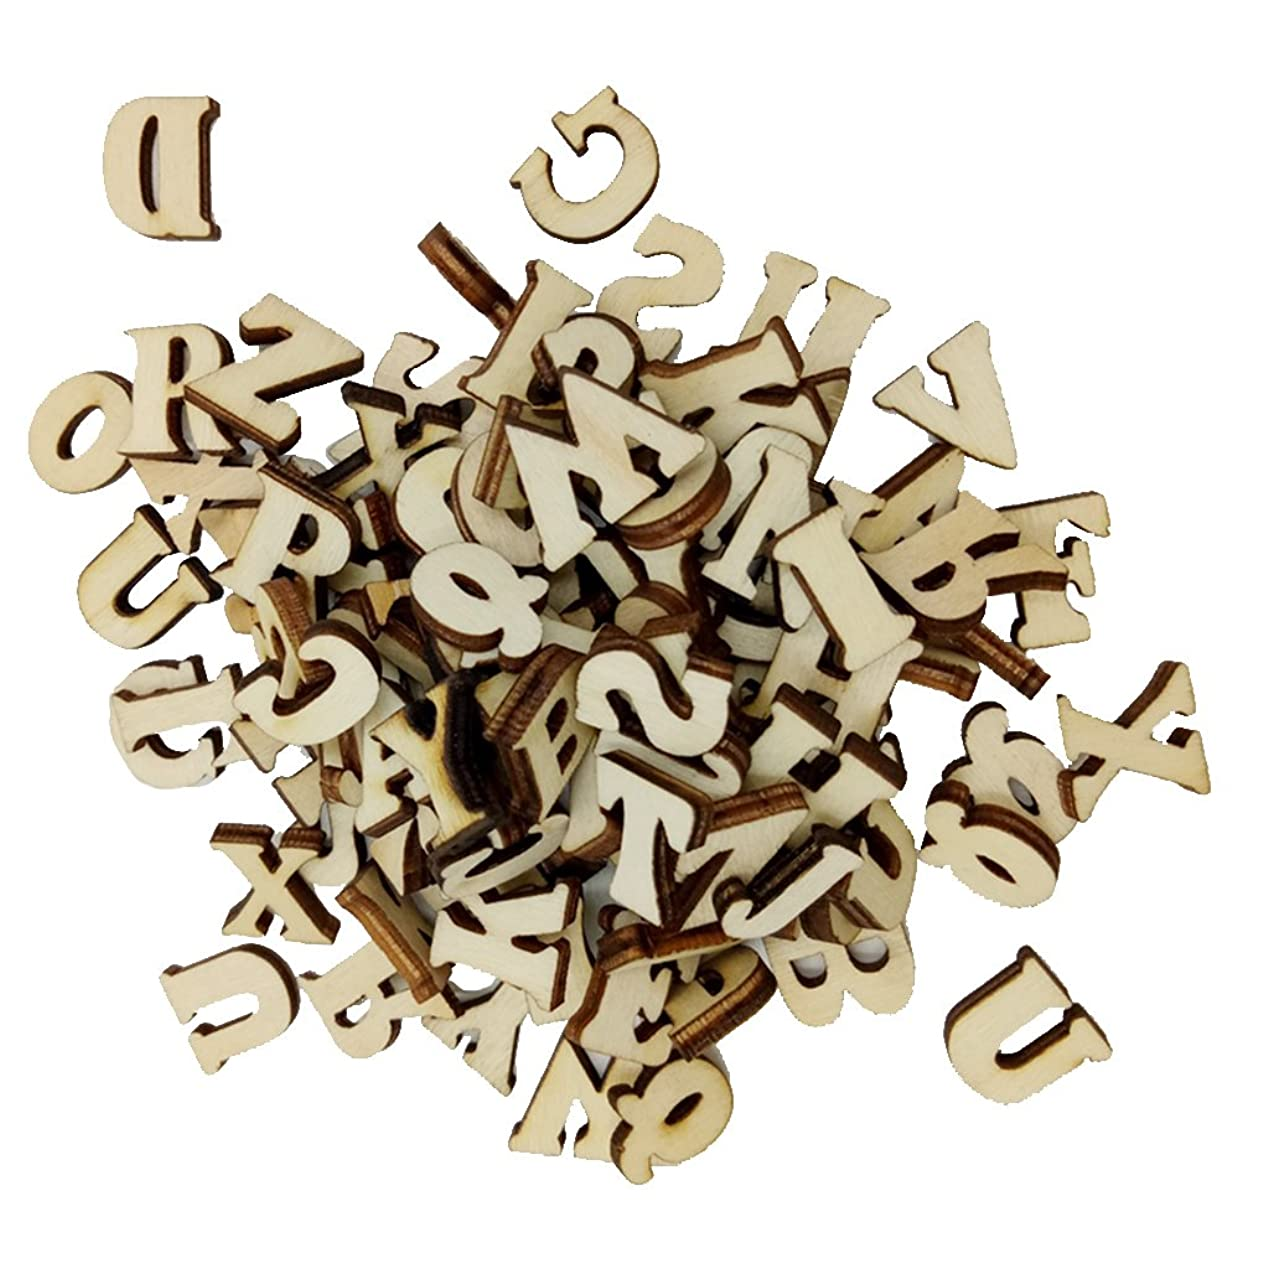 省略法医学方言#N/A 100x木製文字木製アルファベット小綴りピース/個DIY木製工芸品装飾